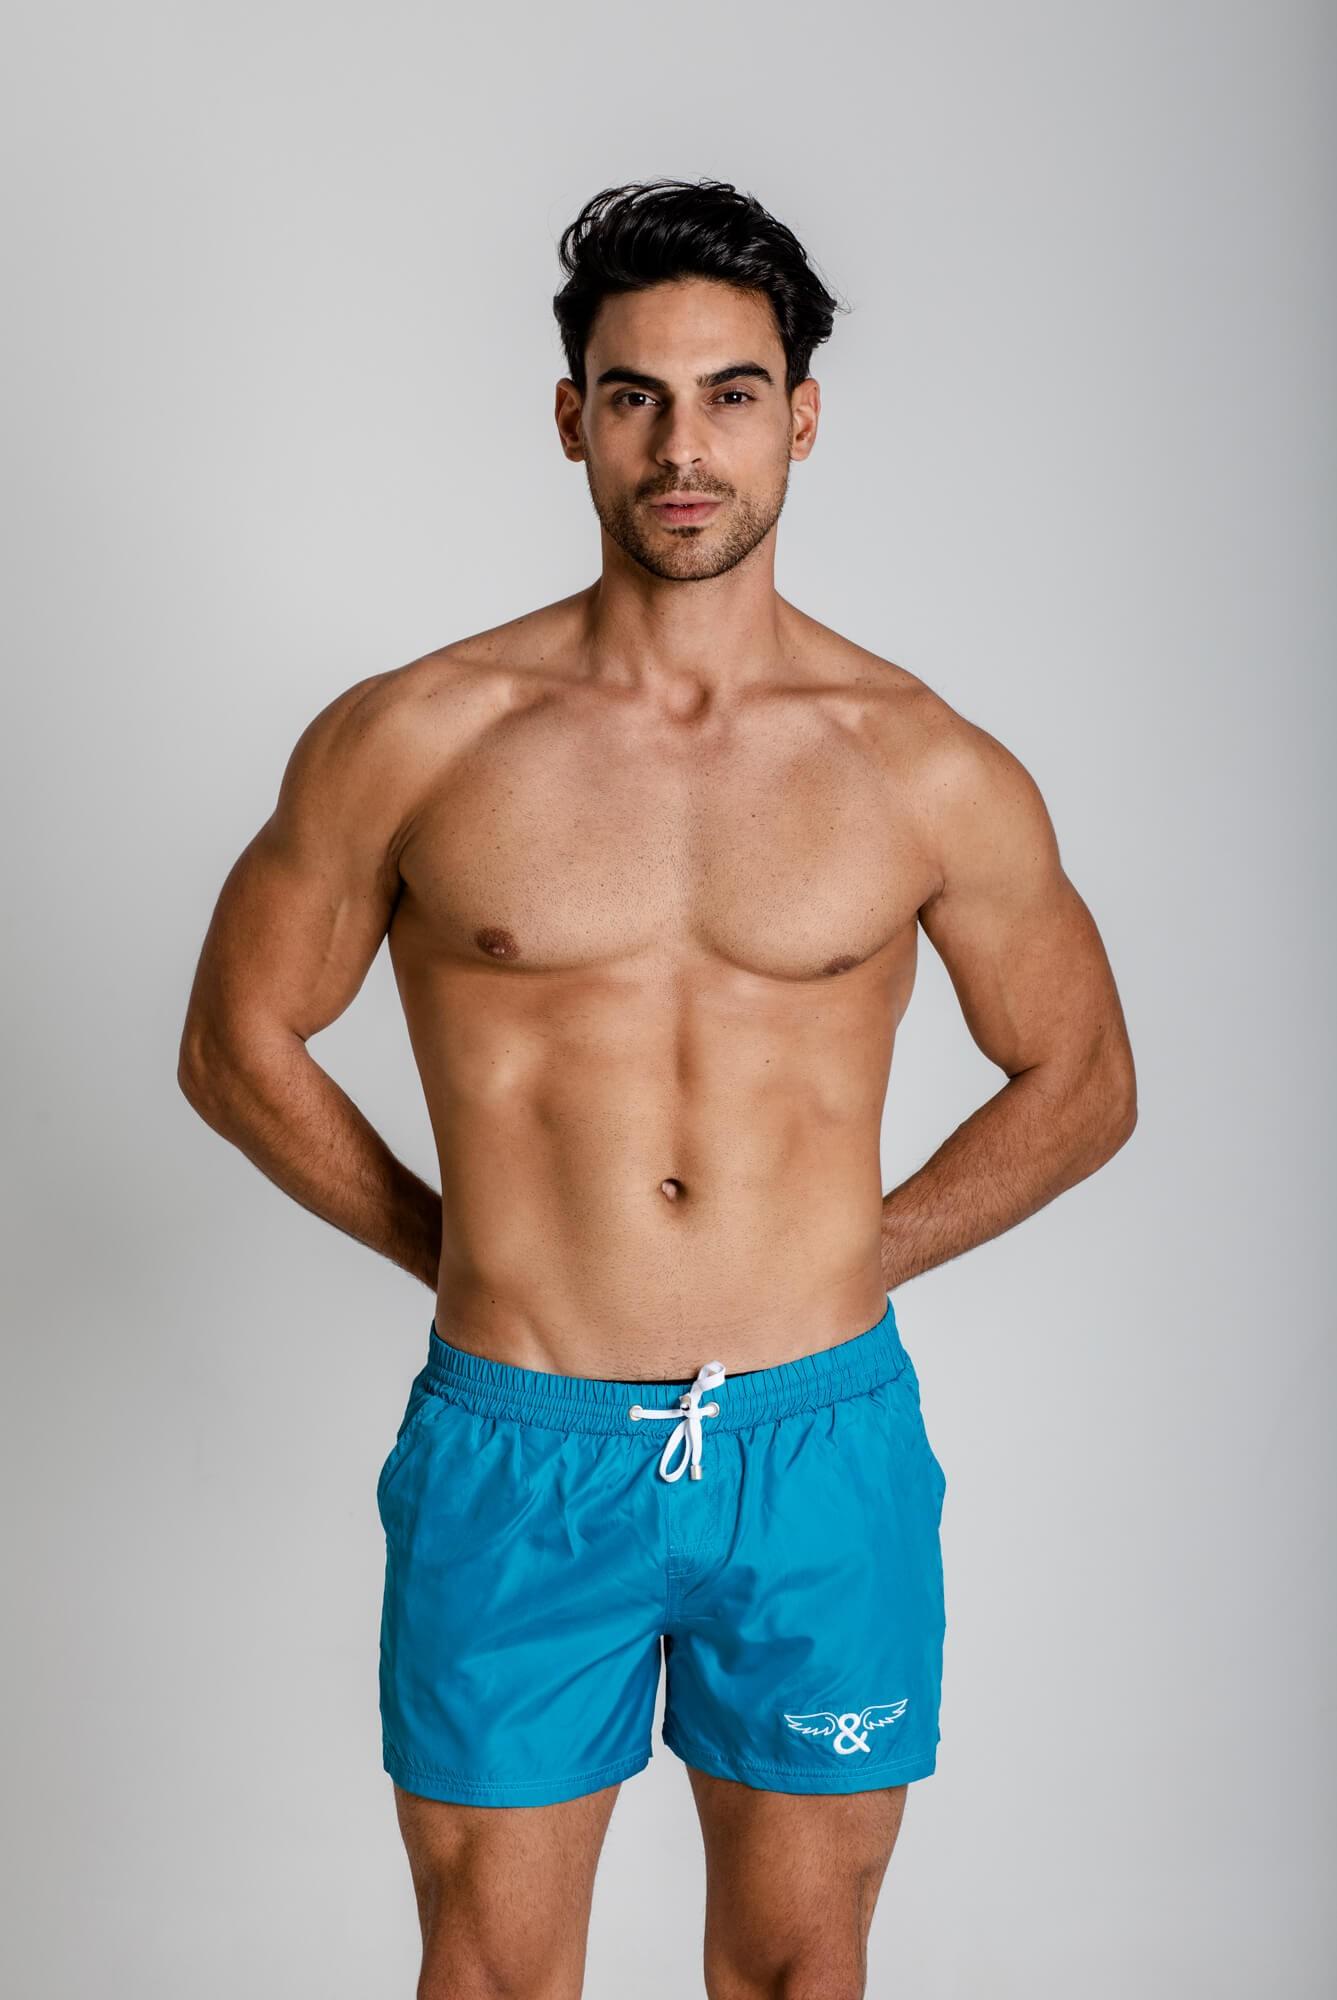 Bañador clásico para hombre. Varios colores. Bañadores de la marca ELIU, de estilo urbano y streetwear.